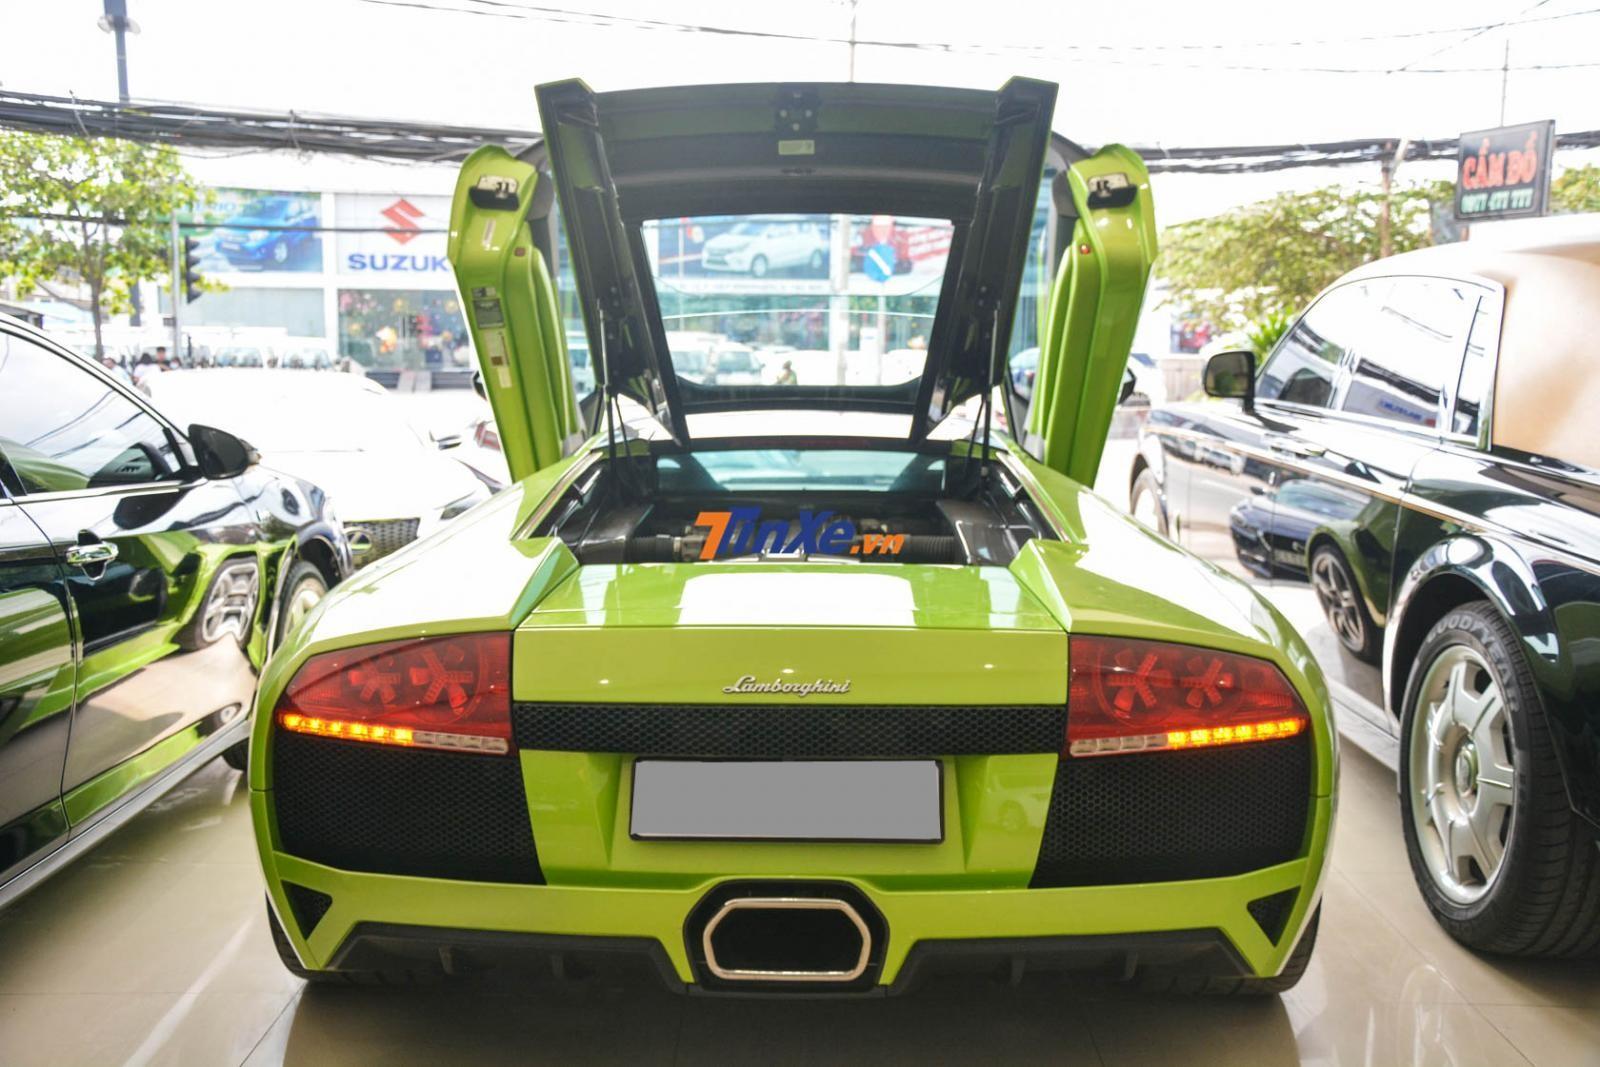 Chiếc Lamborghini Murcielago LP640 này đang được thách cưới 9,8 tỷ đồng